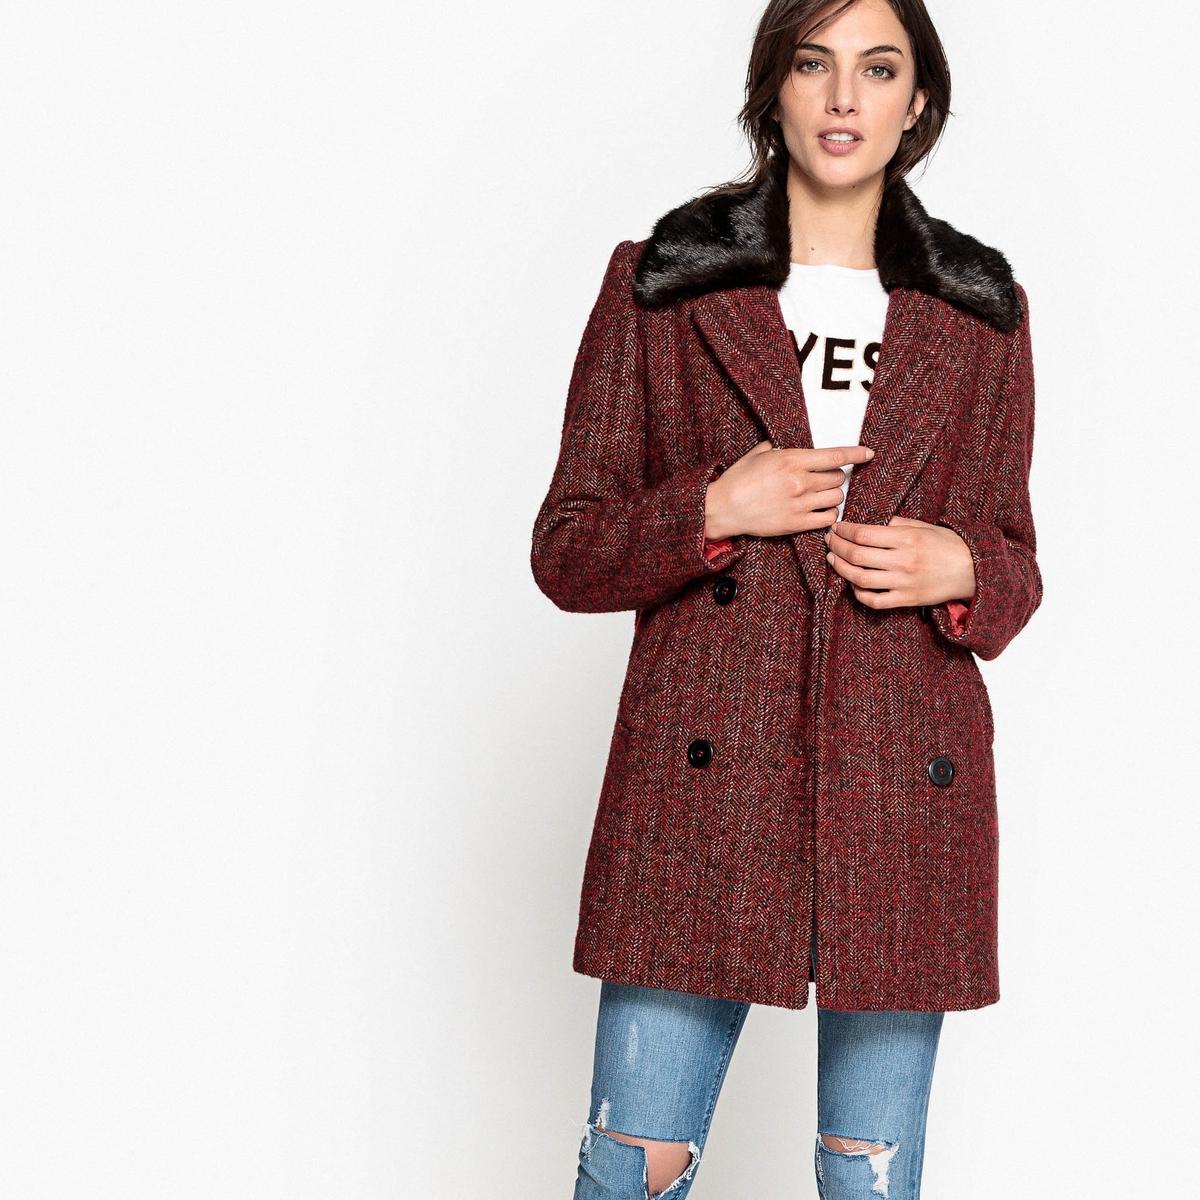 Полупальто с воротником из искусственного меха пальто из меха норки с отделкой мехом енота